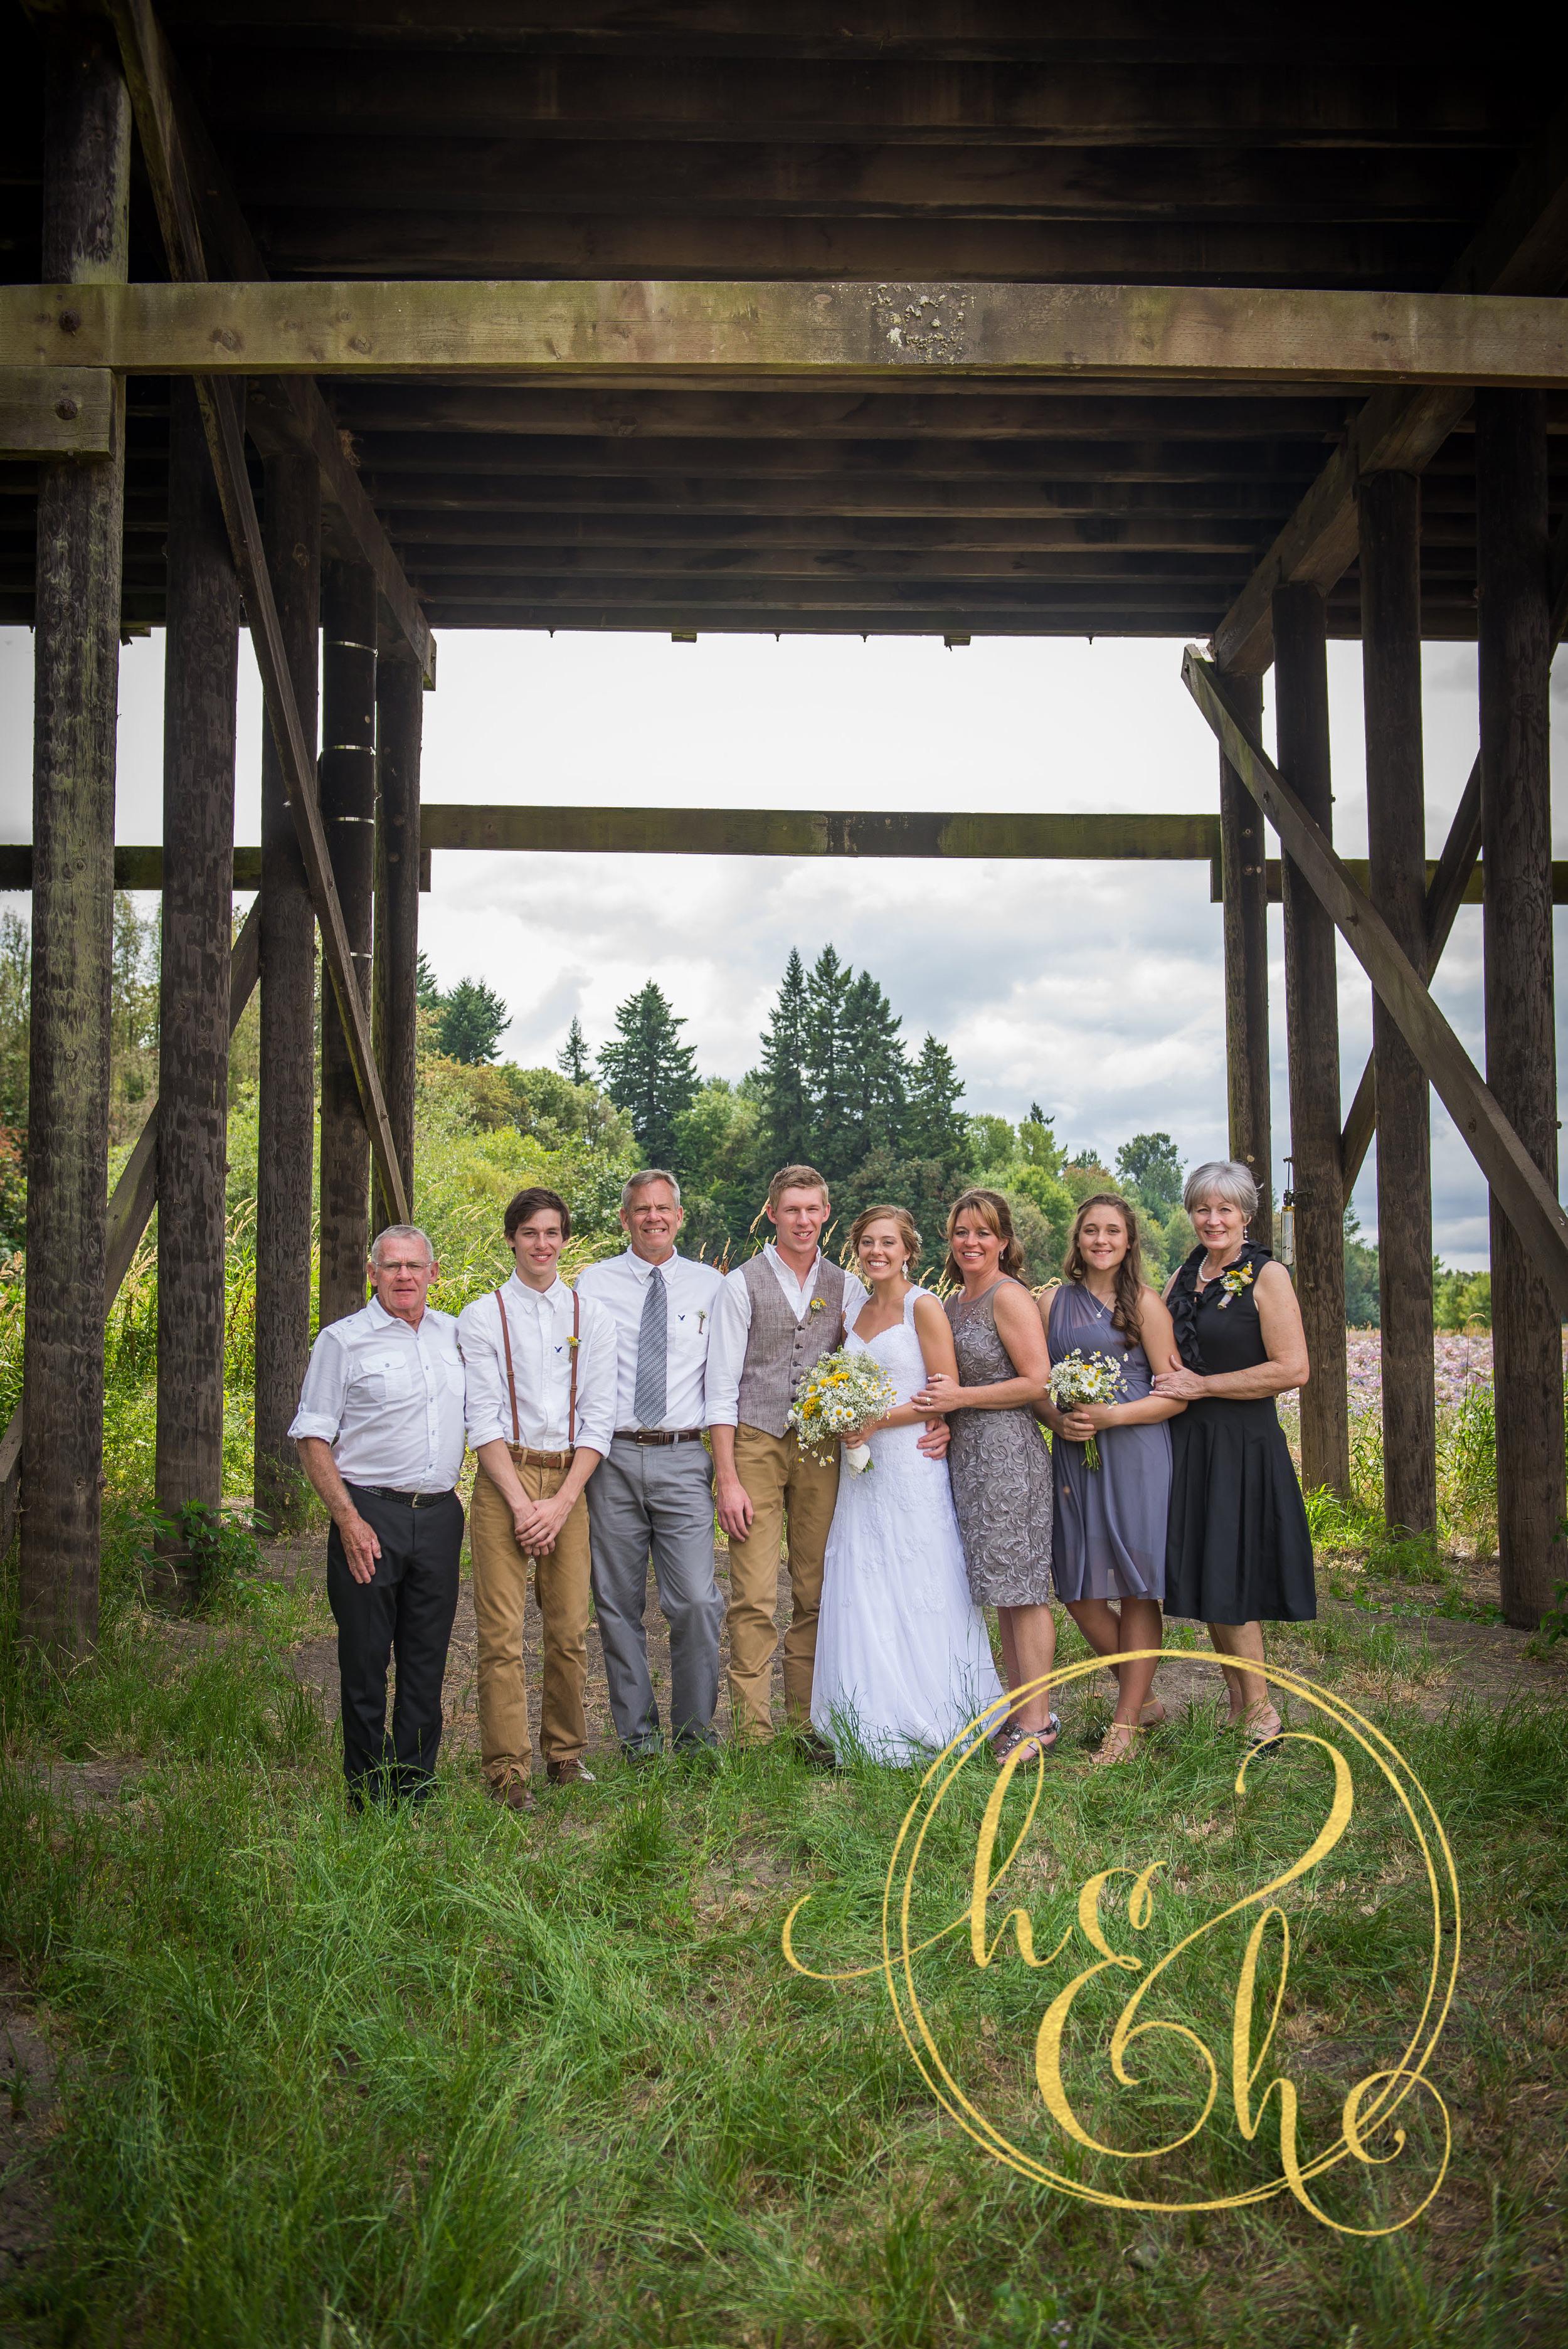 Joseph Loves Esther-Family Formals-0017.jpg